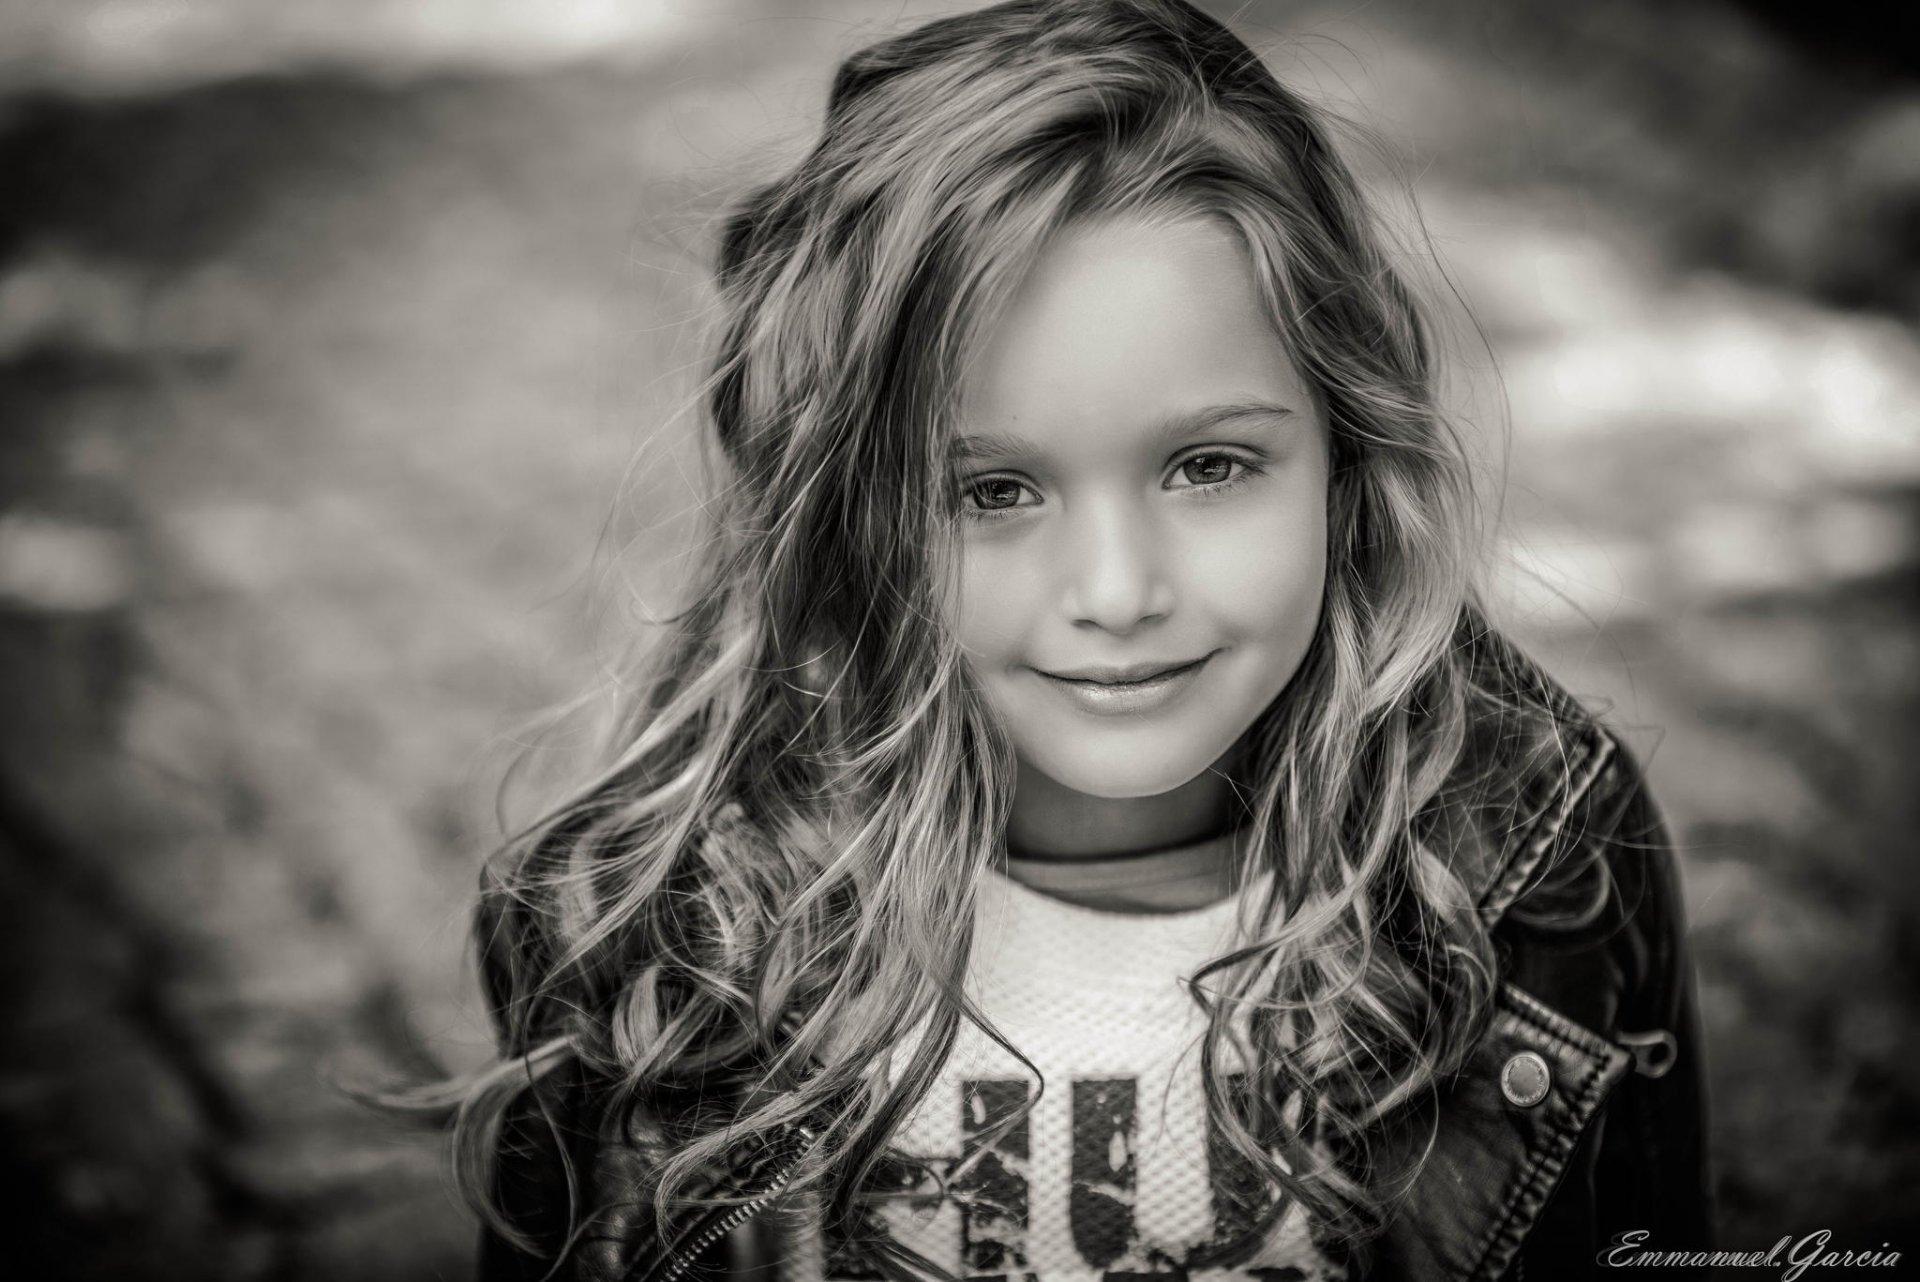 Про вредину, прикольные картинки для девочки 7 лет